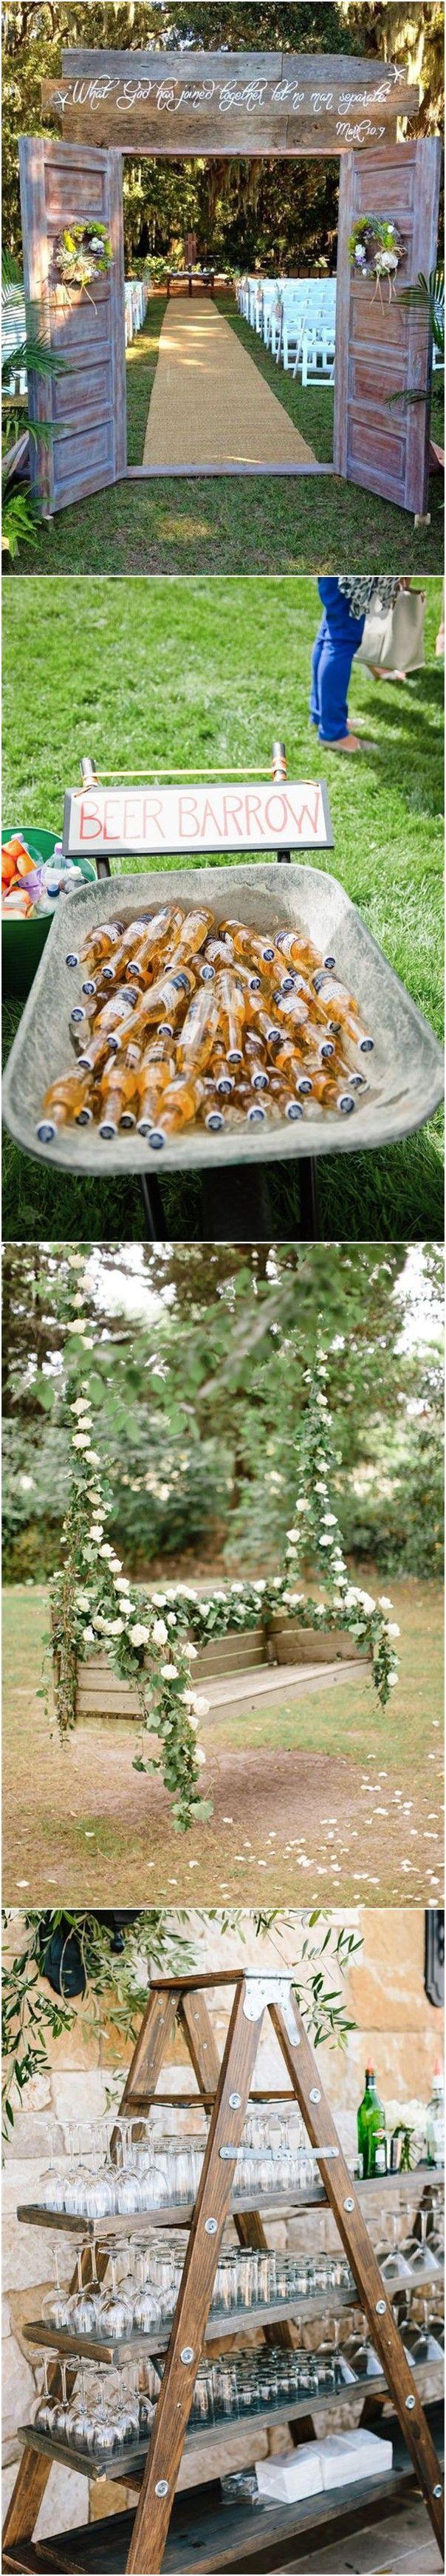 22 Rustic Backyard Wedding Decoration Ideas on A Budget ...